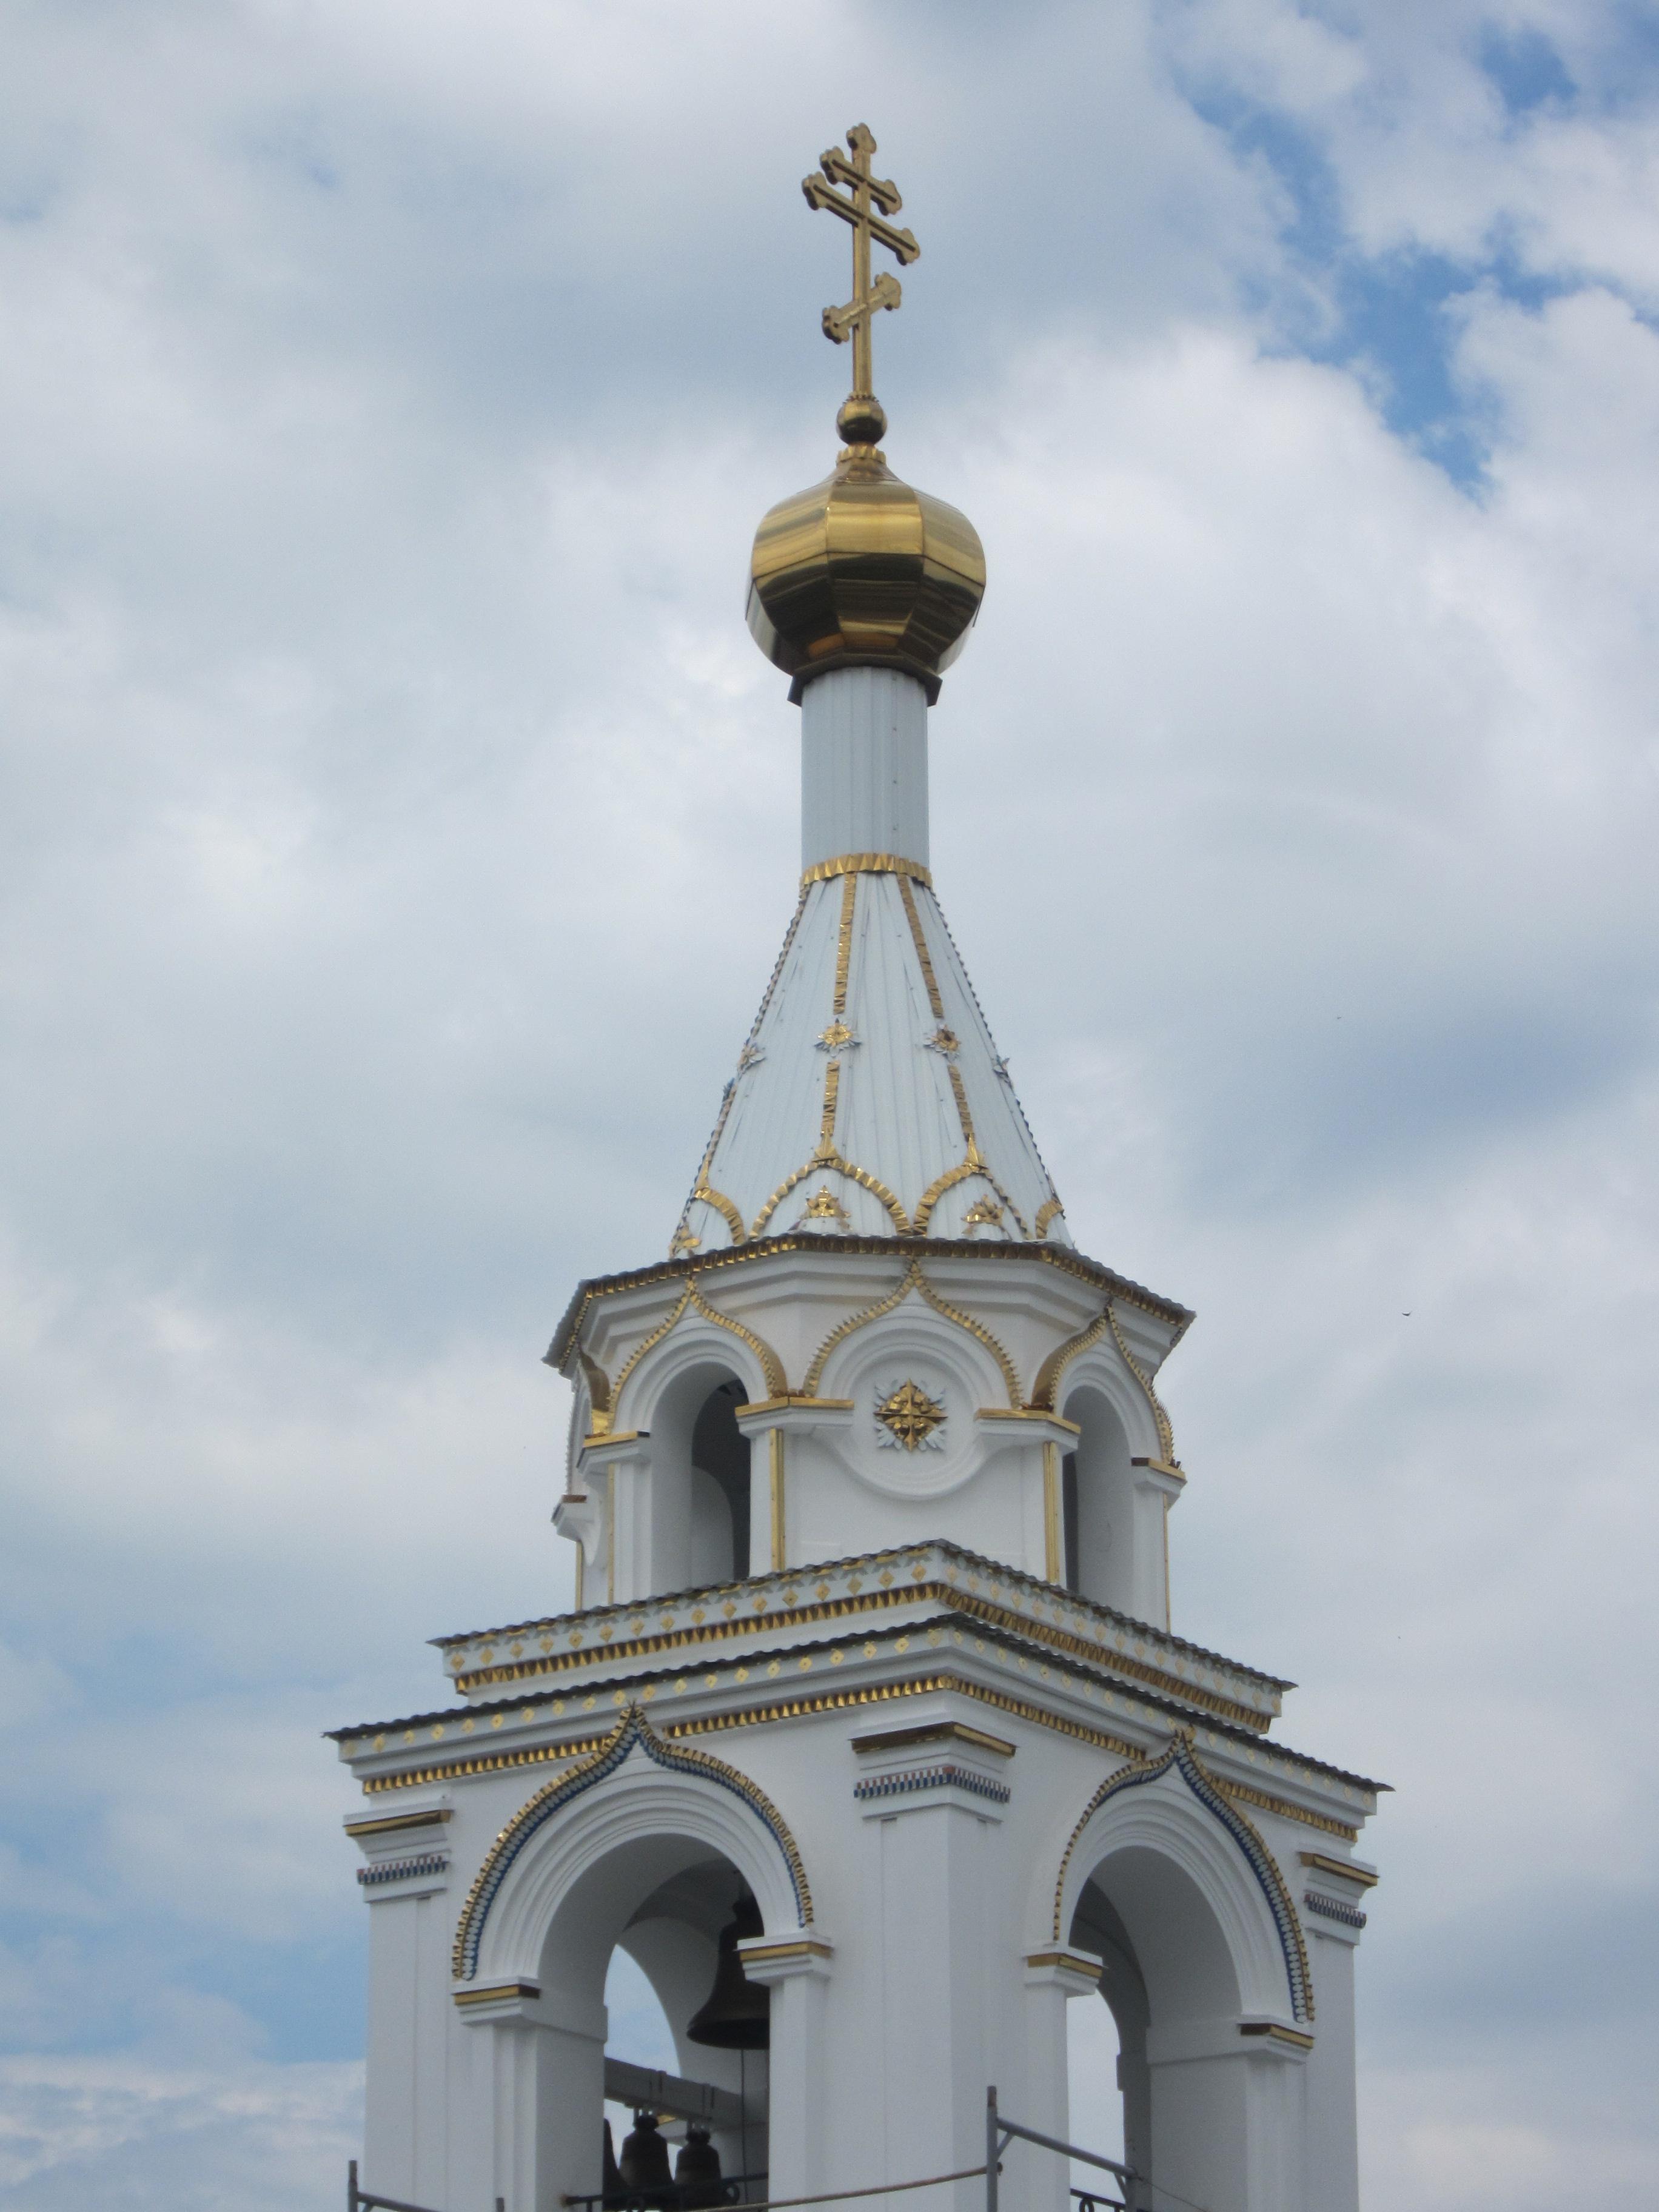 Шатер колокольни крупным планом (09.07.2014)